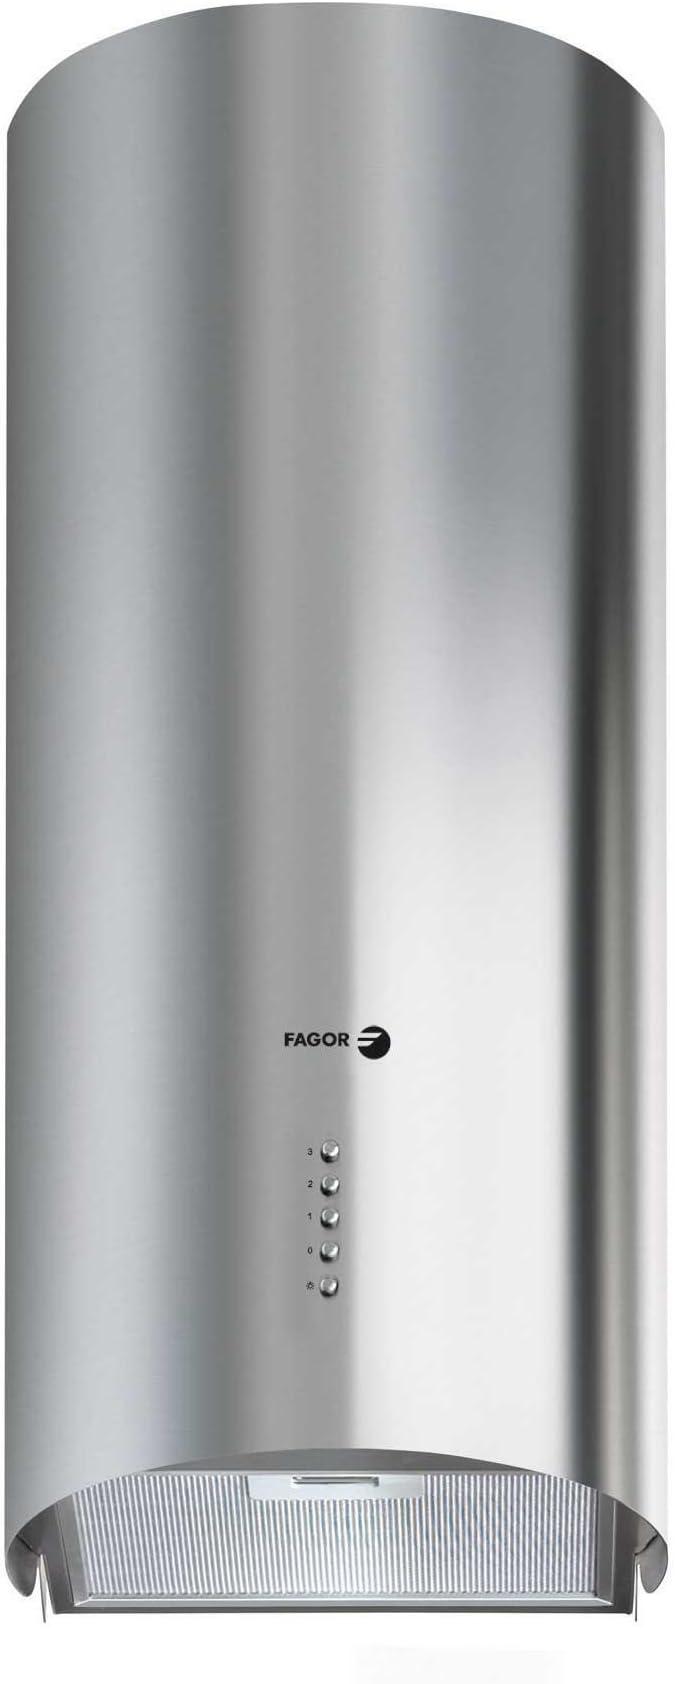 Fagor CFC-40AX - Campana (Recirculación, 605 m³/h, Isla, Halógeno, Acero inoxidable, 1 piezas): Amazon.es: Hogar